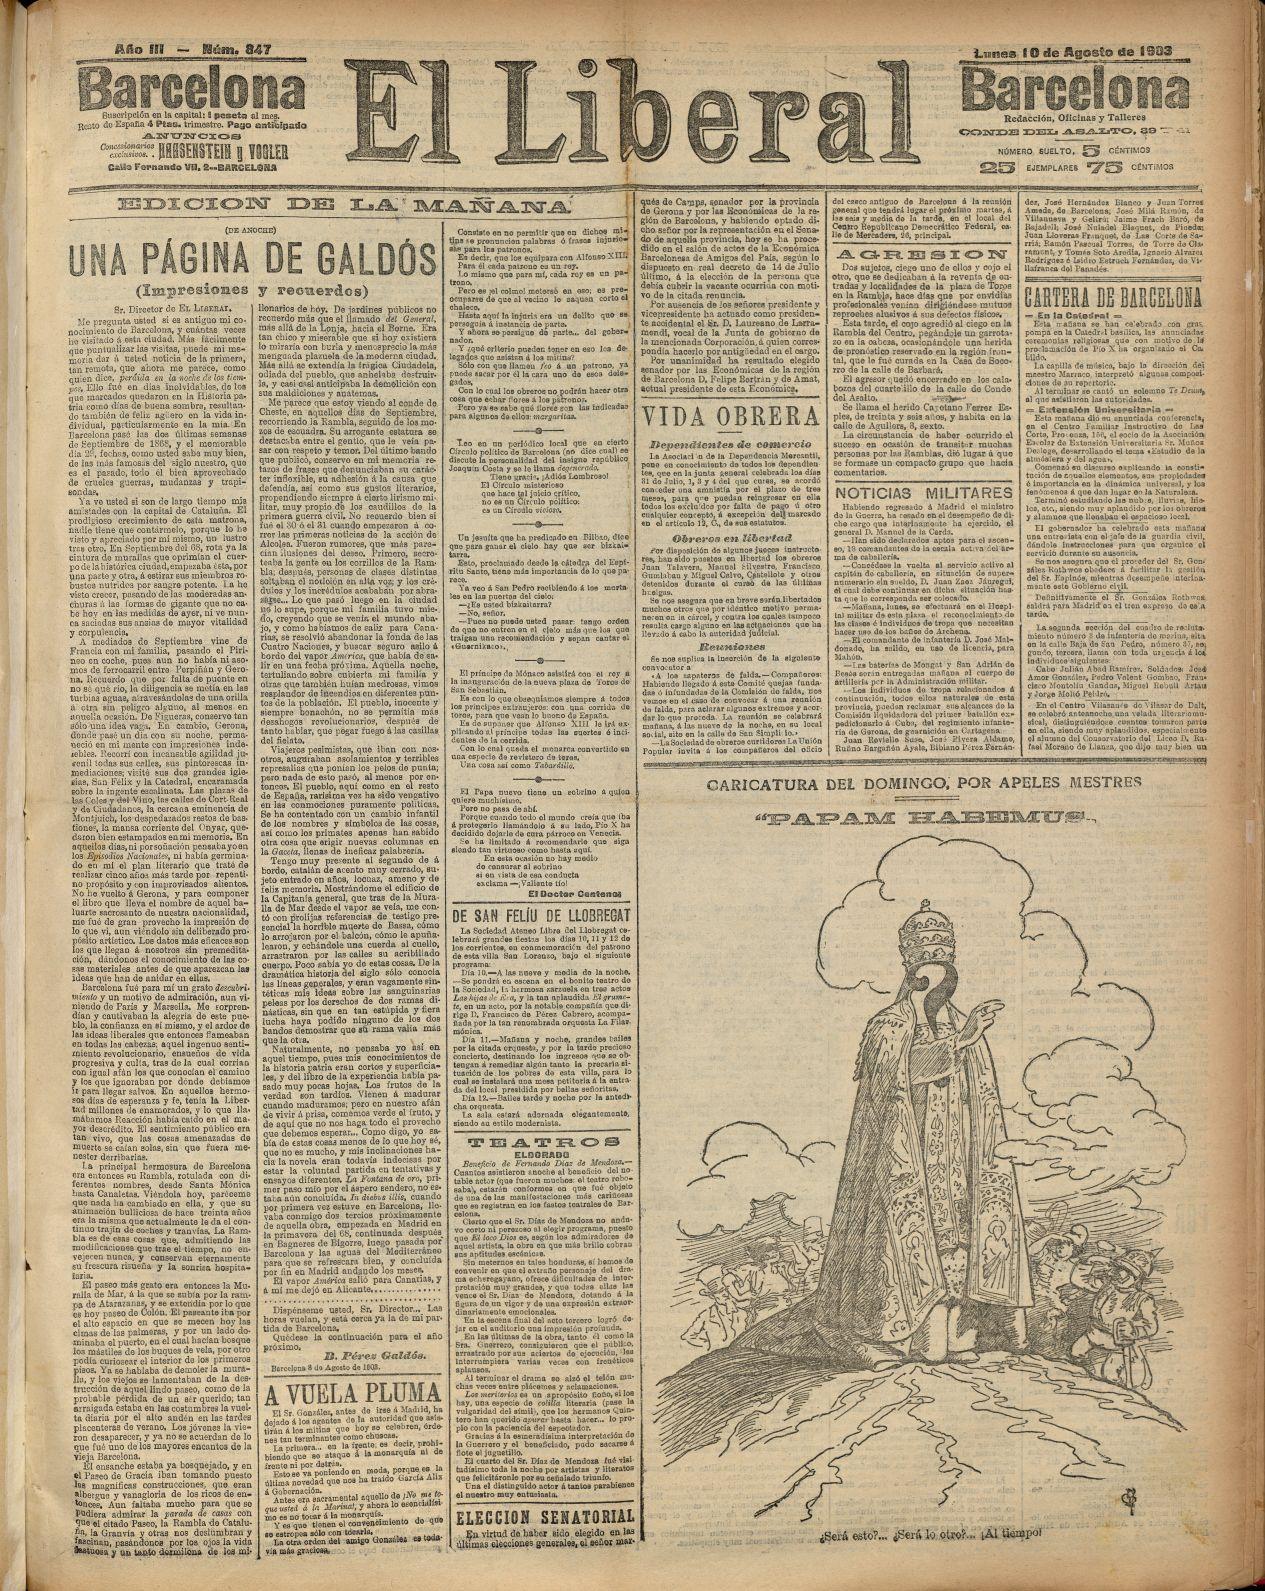 El Liberal [edició de matí]. Barcelona: el Liberal. 10-08-1903. AHCB. Hemeroteca. D 1901 GFol